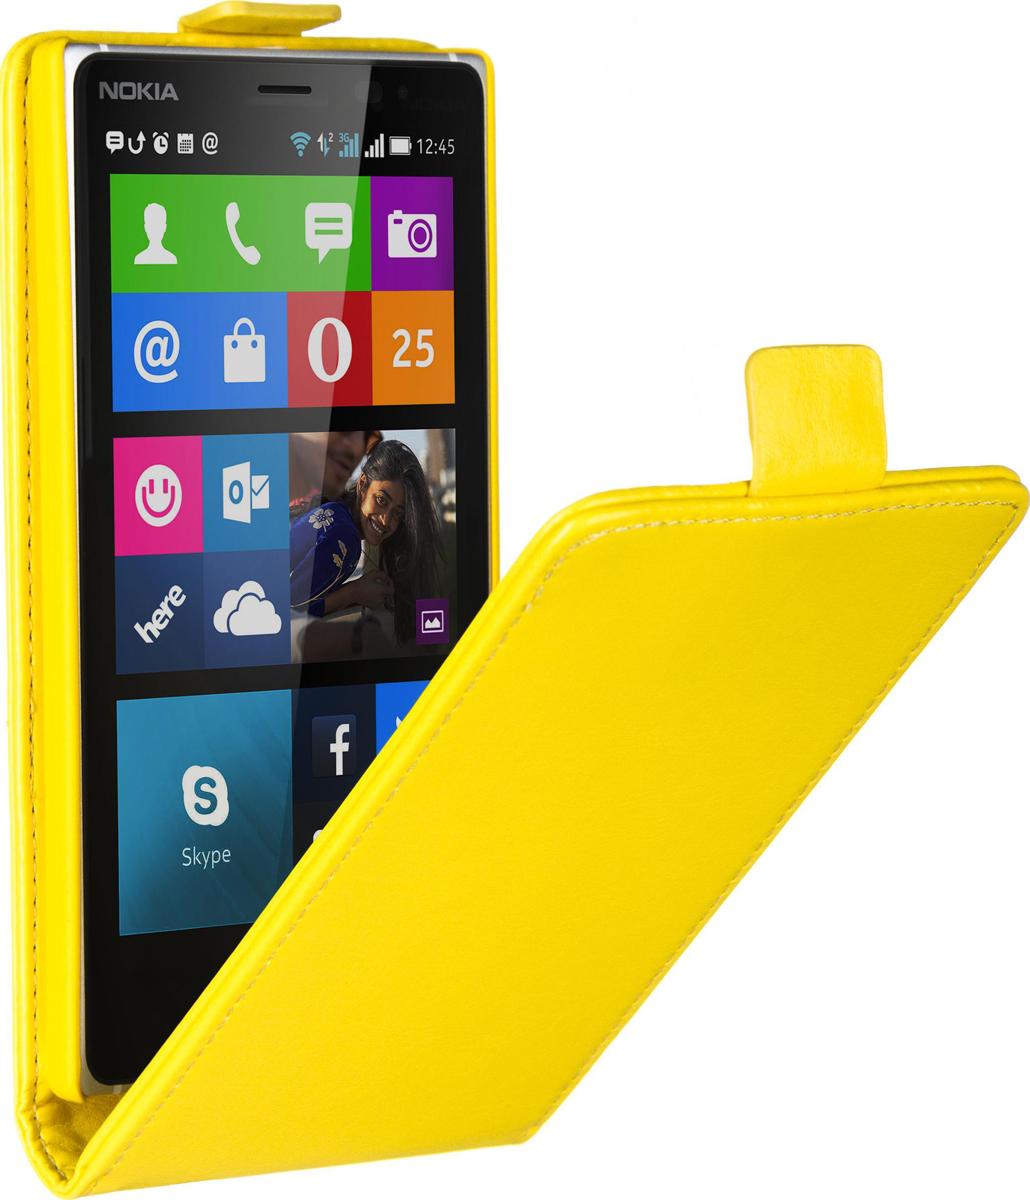 чехлы для телефонов skinbox чехол флип skinbox для nokia lumia 830 Skinbox Flip Case чехол для Nokia Lumia 830, Yellow